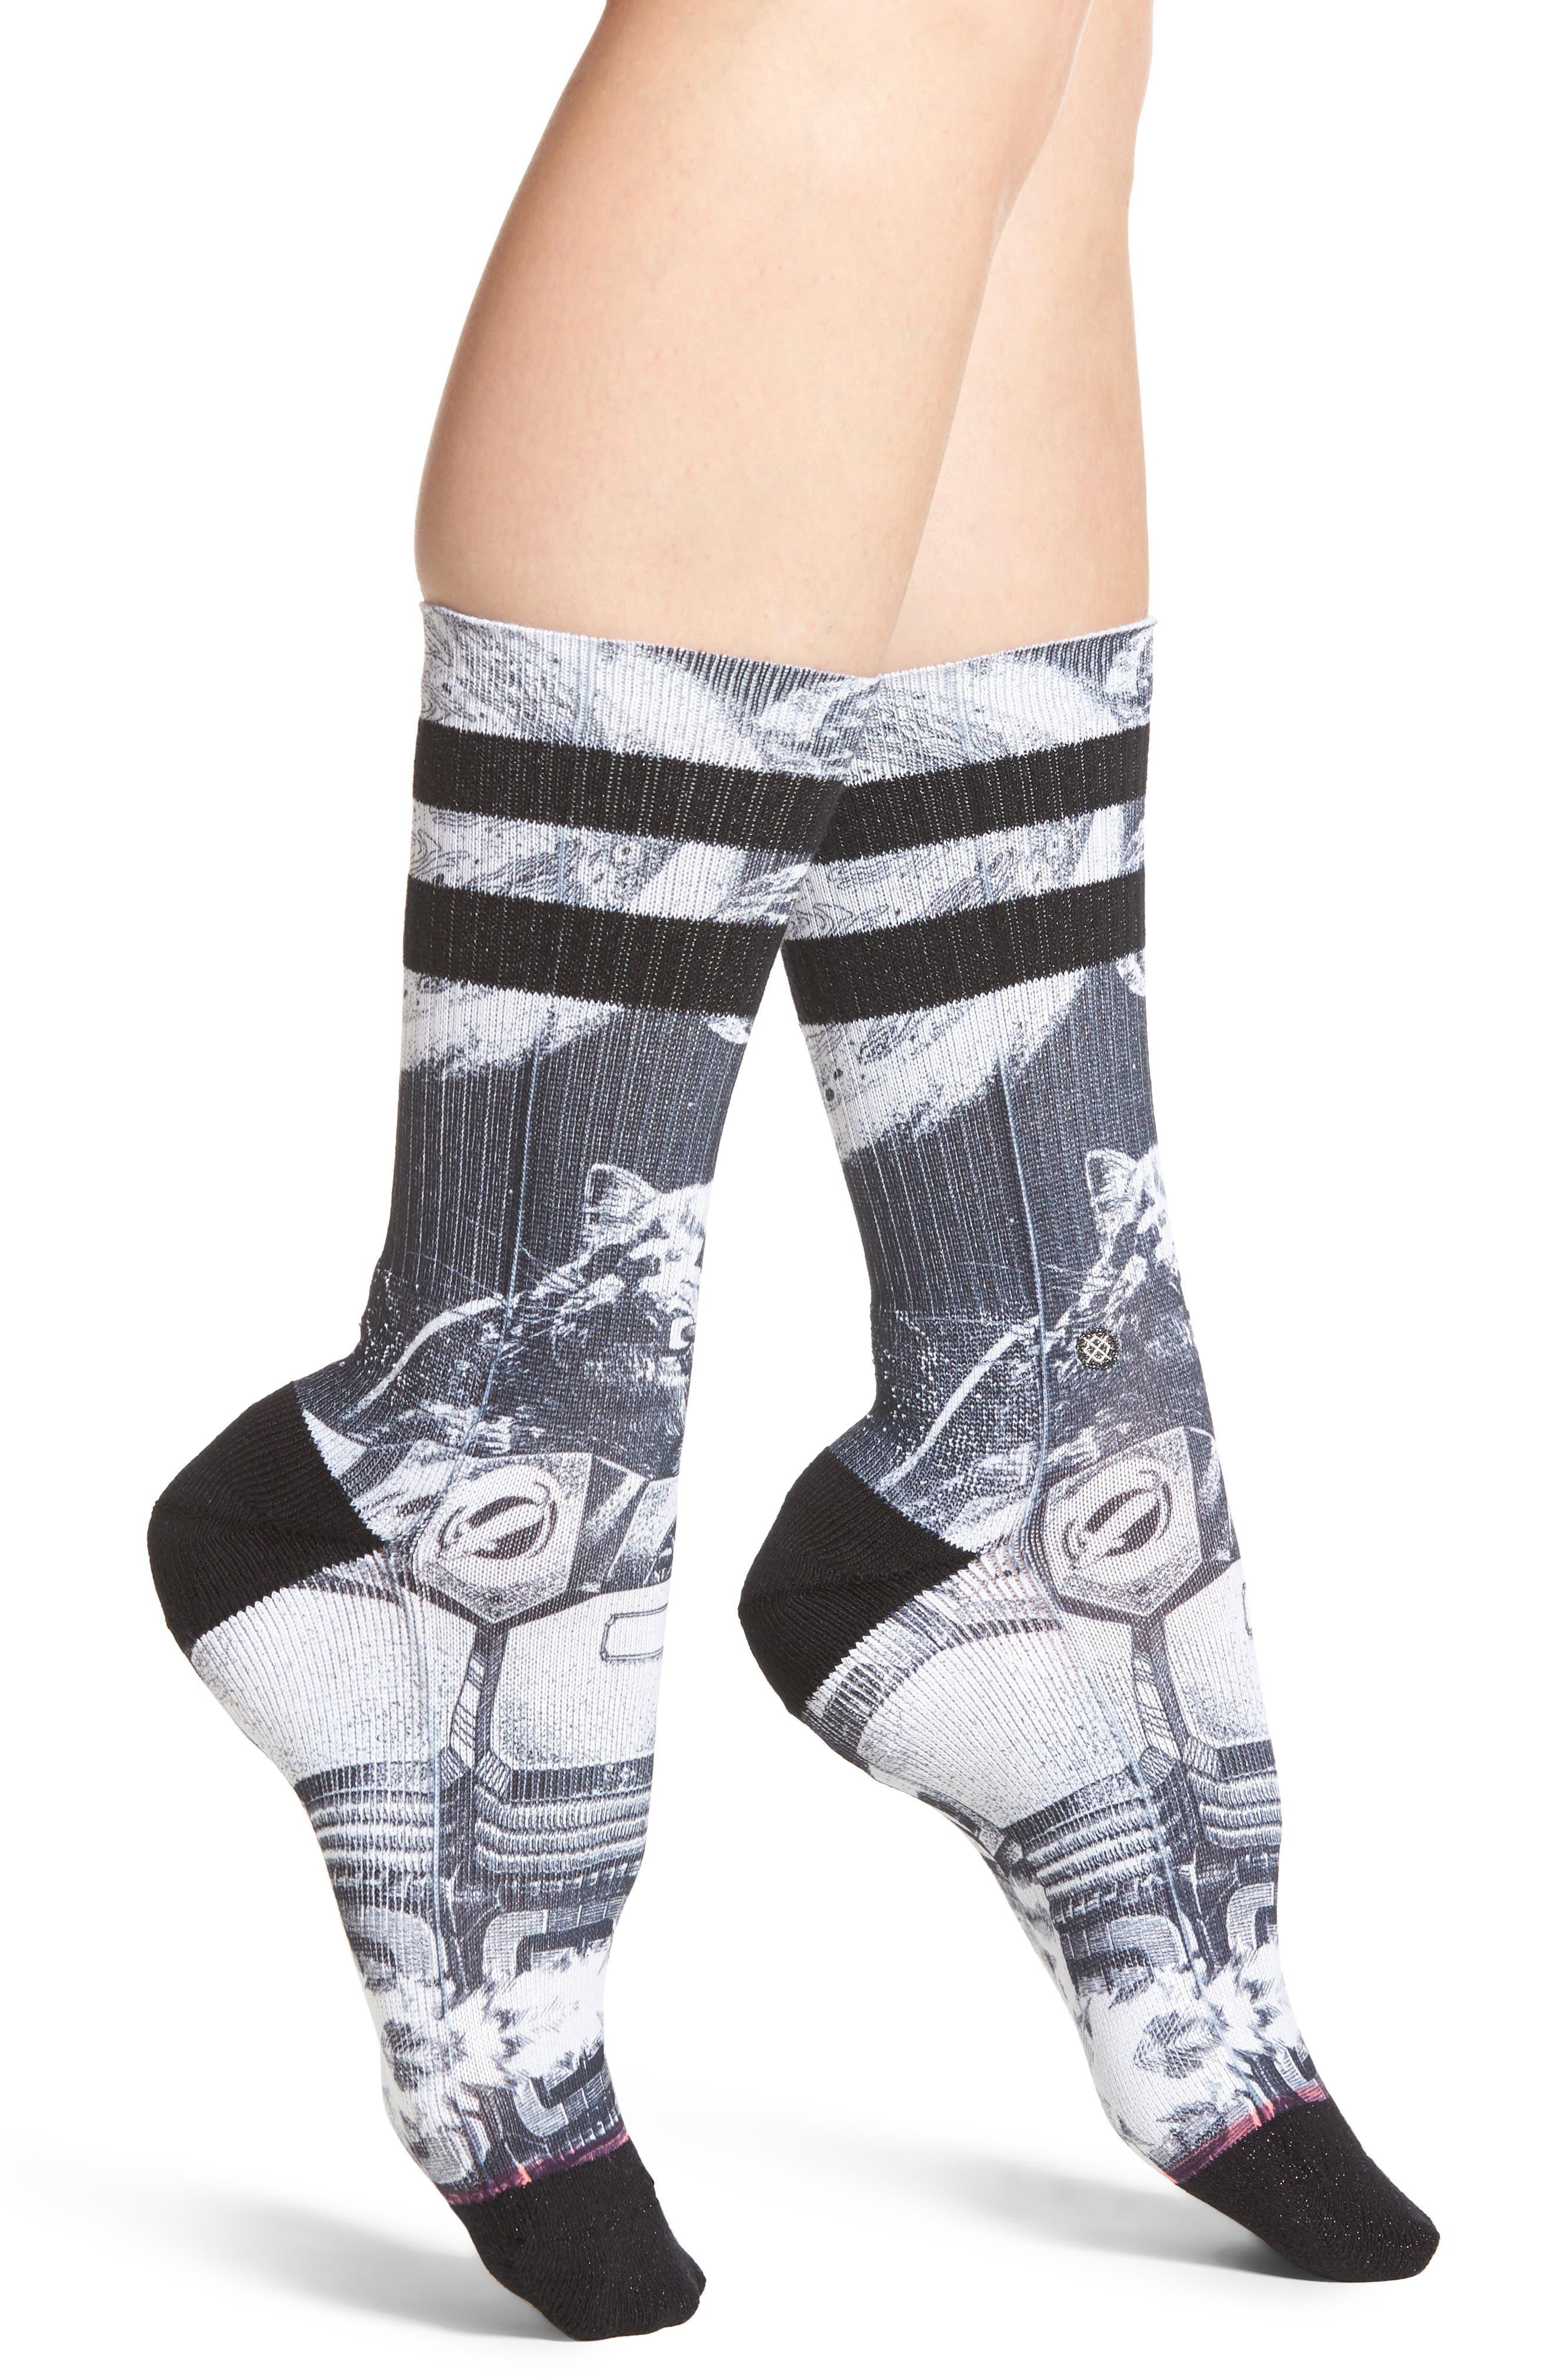 Main Image - Stance Punker Skunker Crew Socks